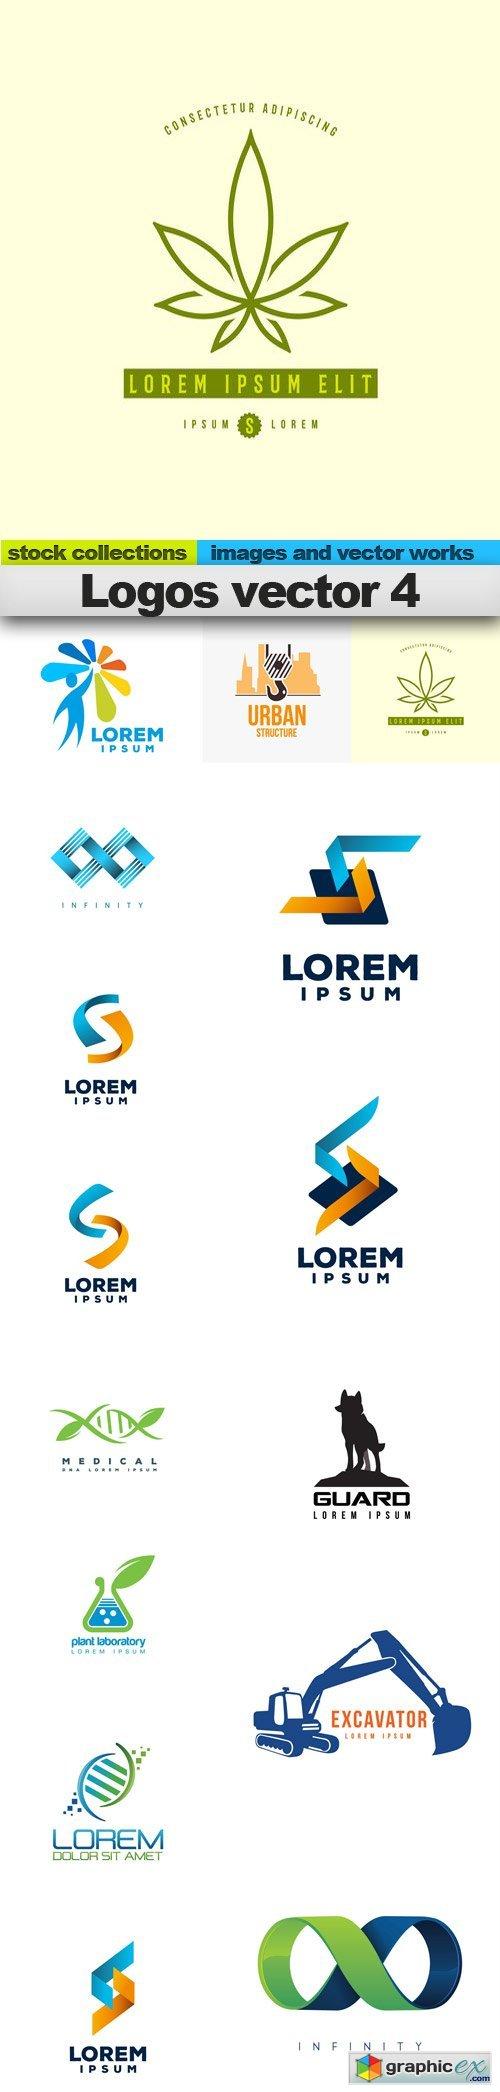 Logos vector 4, 15 x EPS